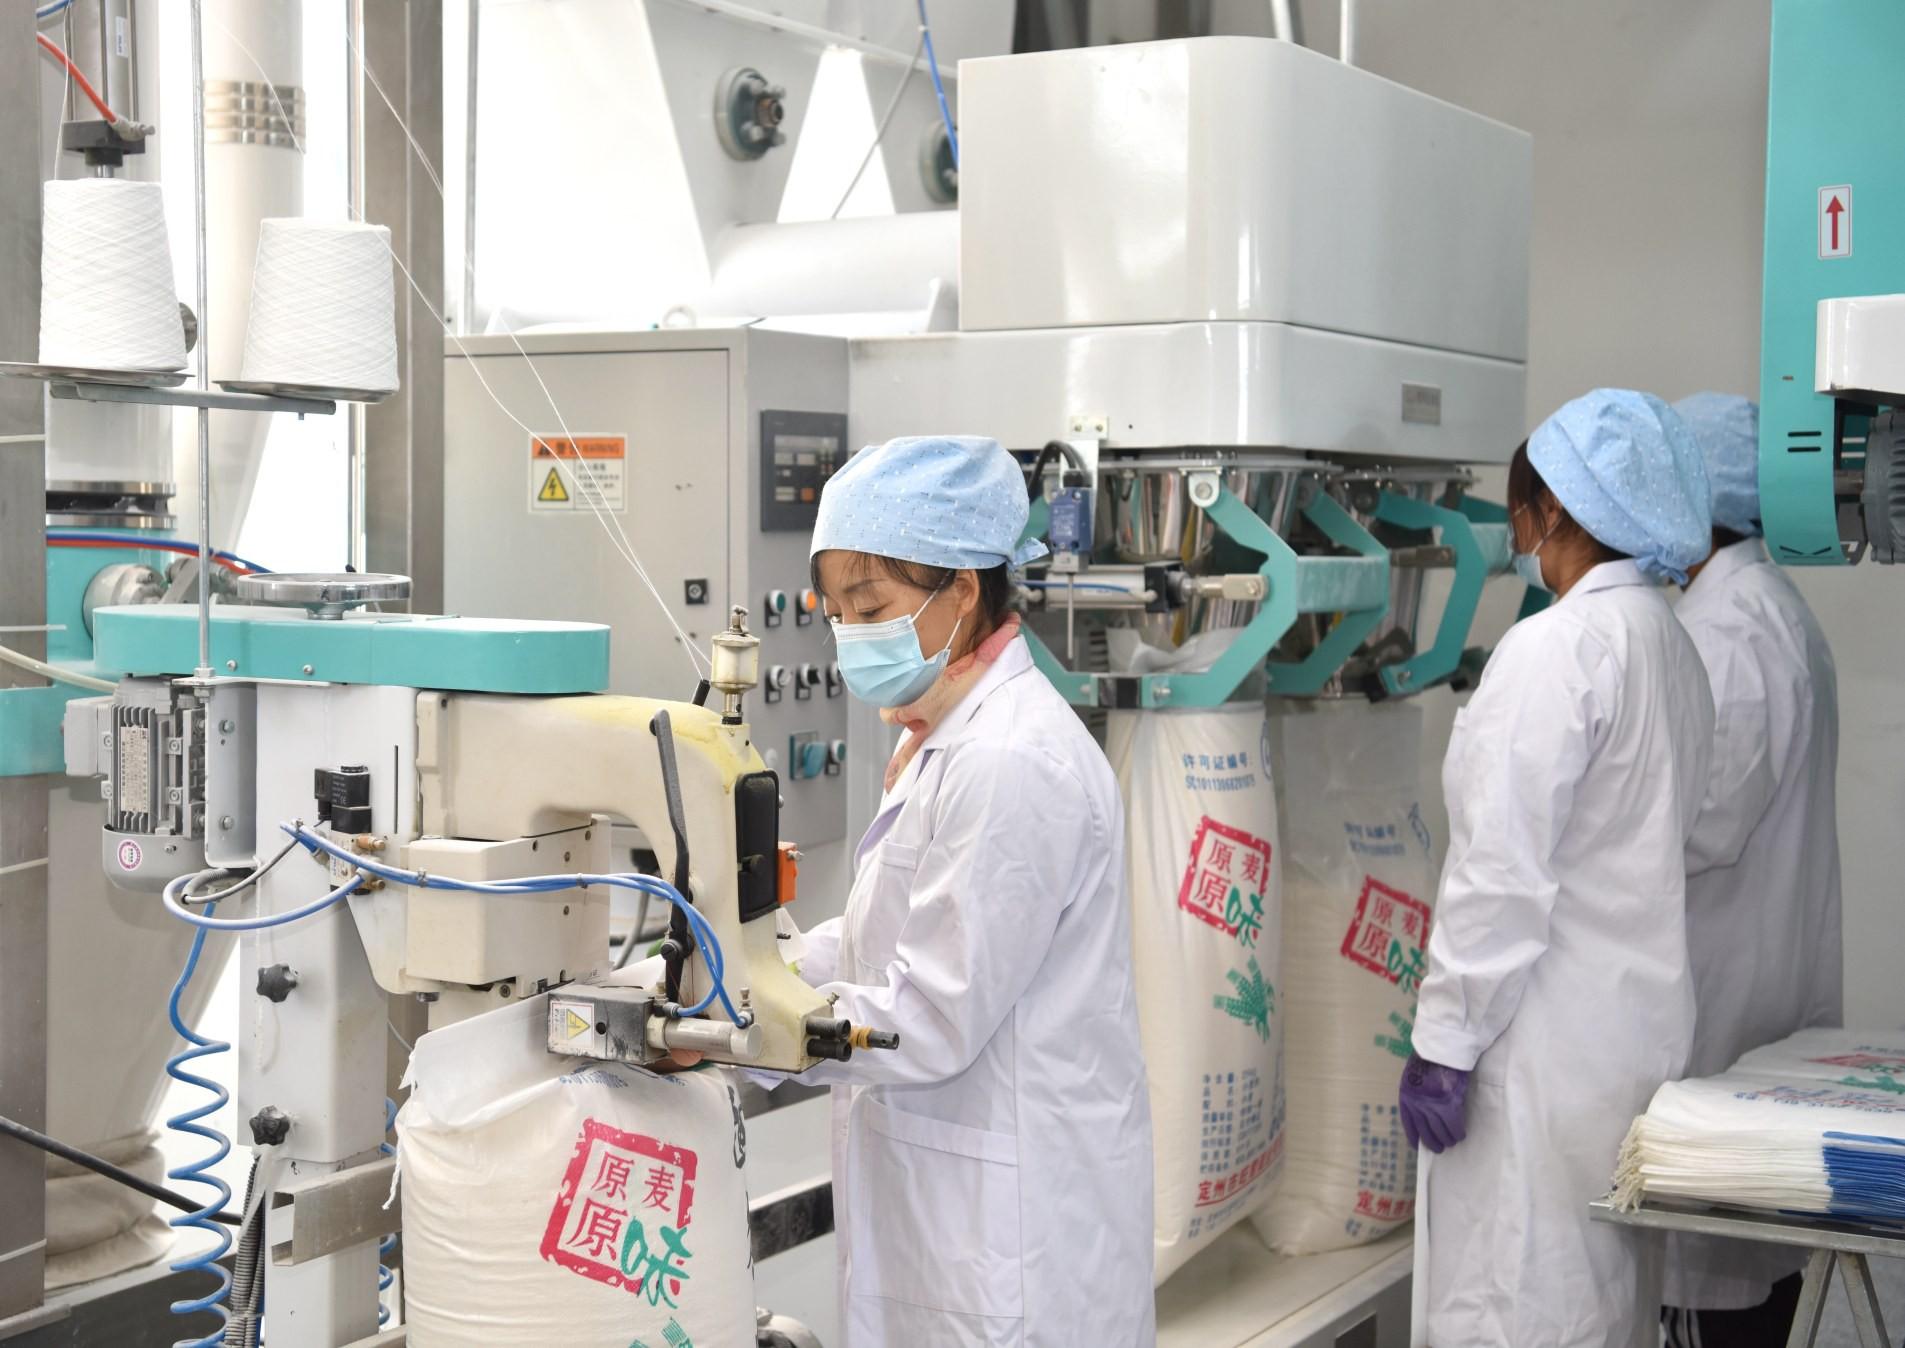 旺雪面业有限公司加强与专业院校合作,引进先进设备和专业人才